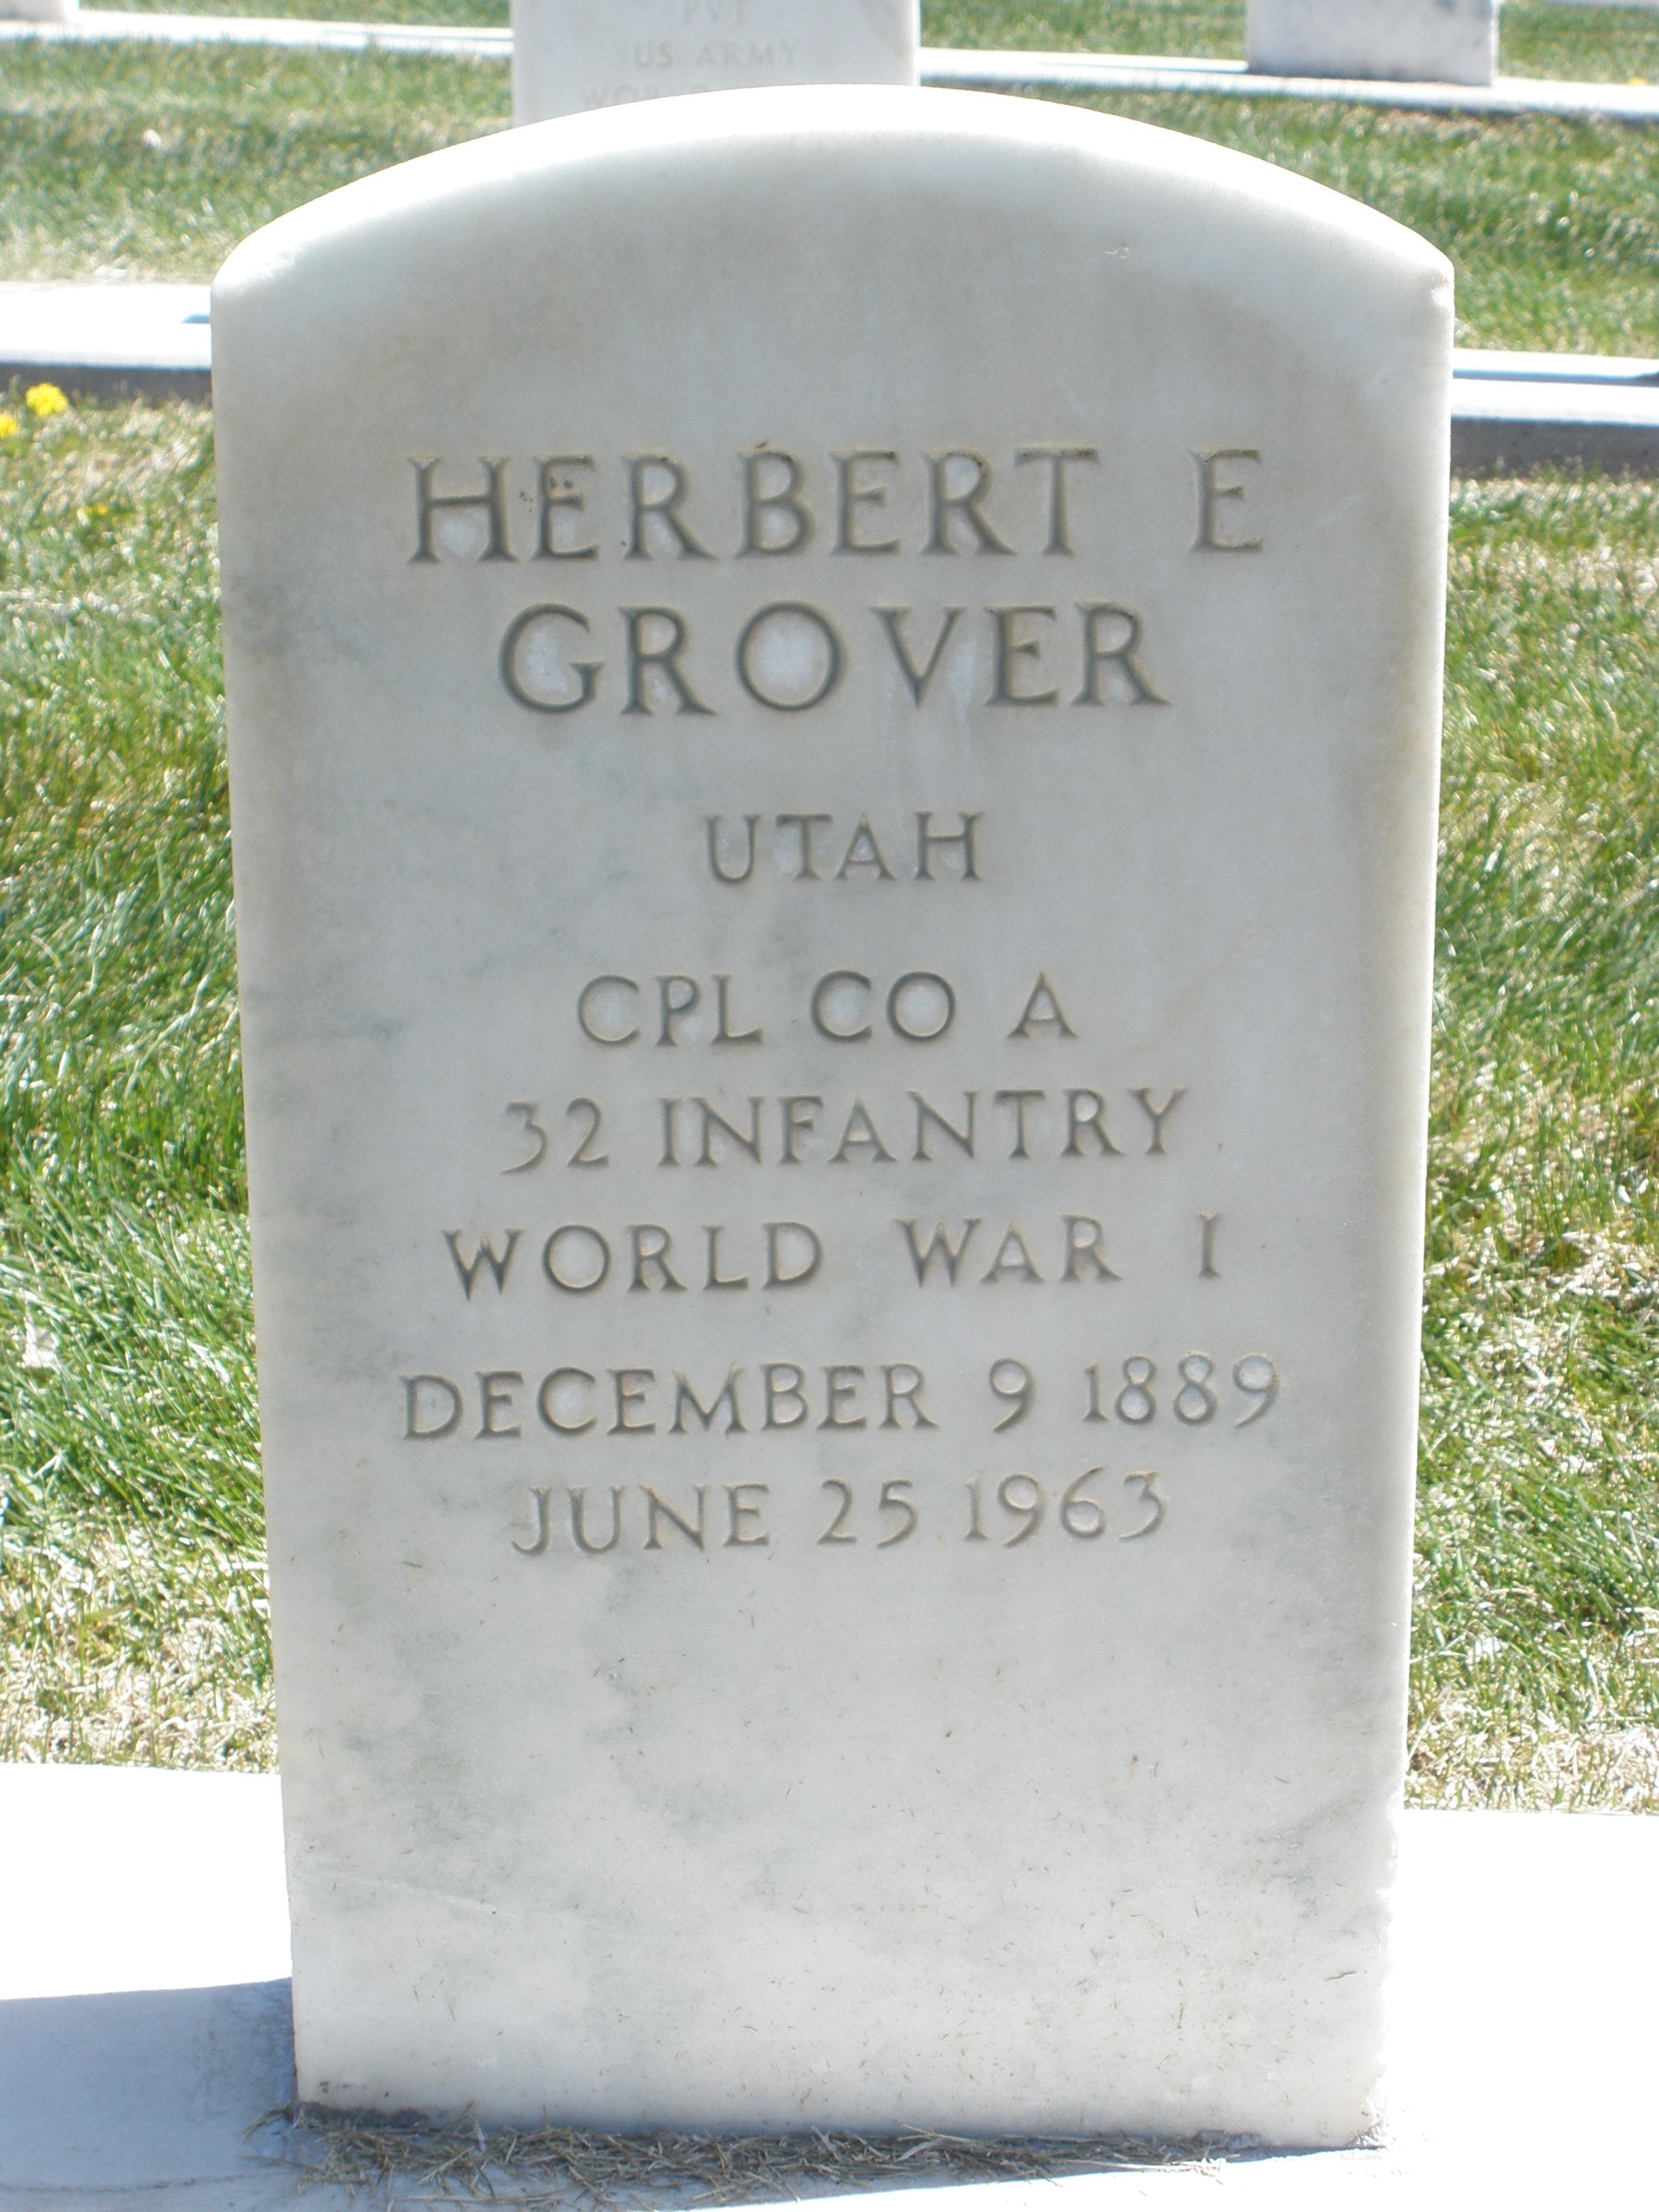 Herbert E. Grover